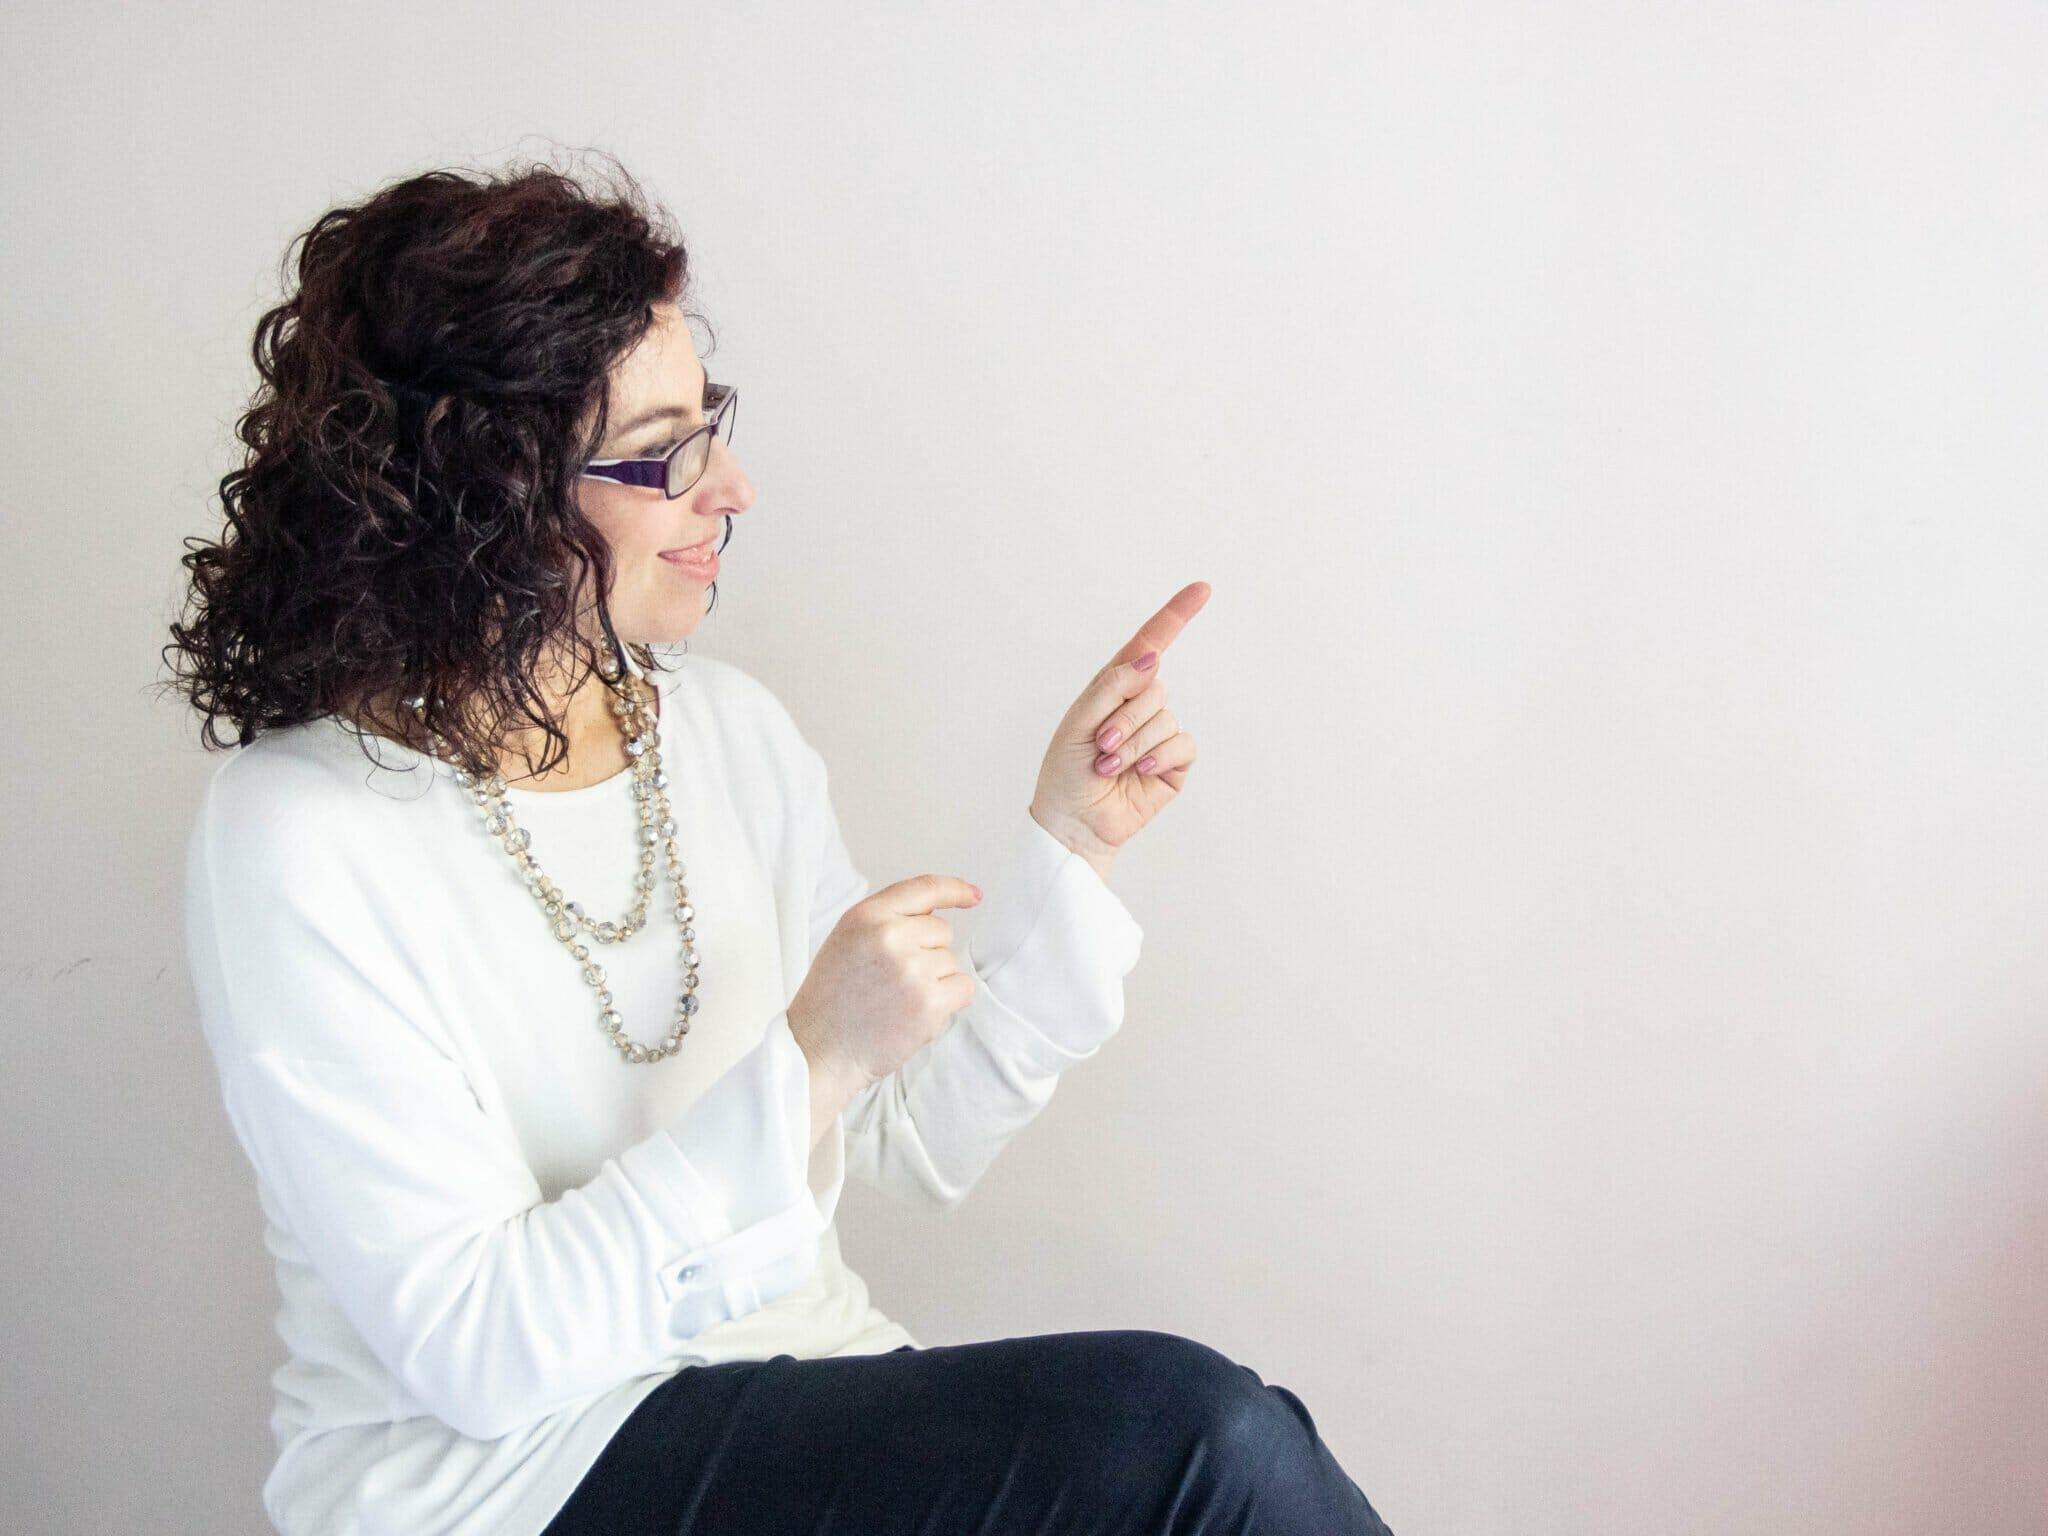 miriam esquivel instructora de mindfulness